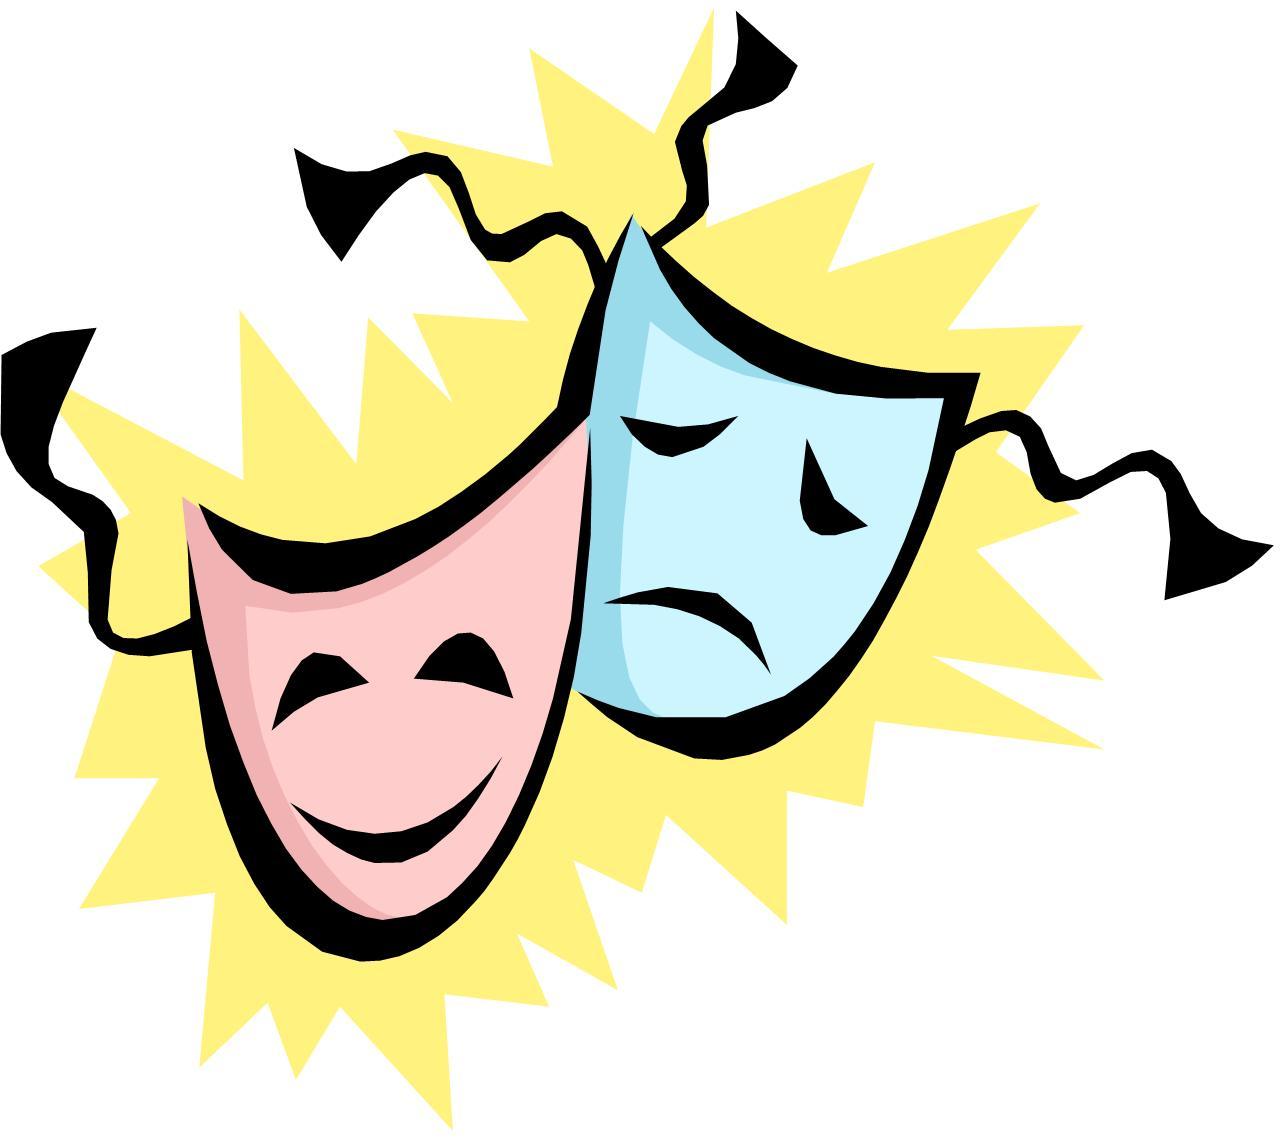 ... Drama Masks Clipart - clipartall ...